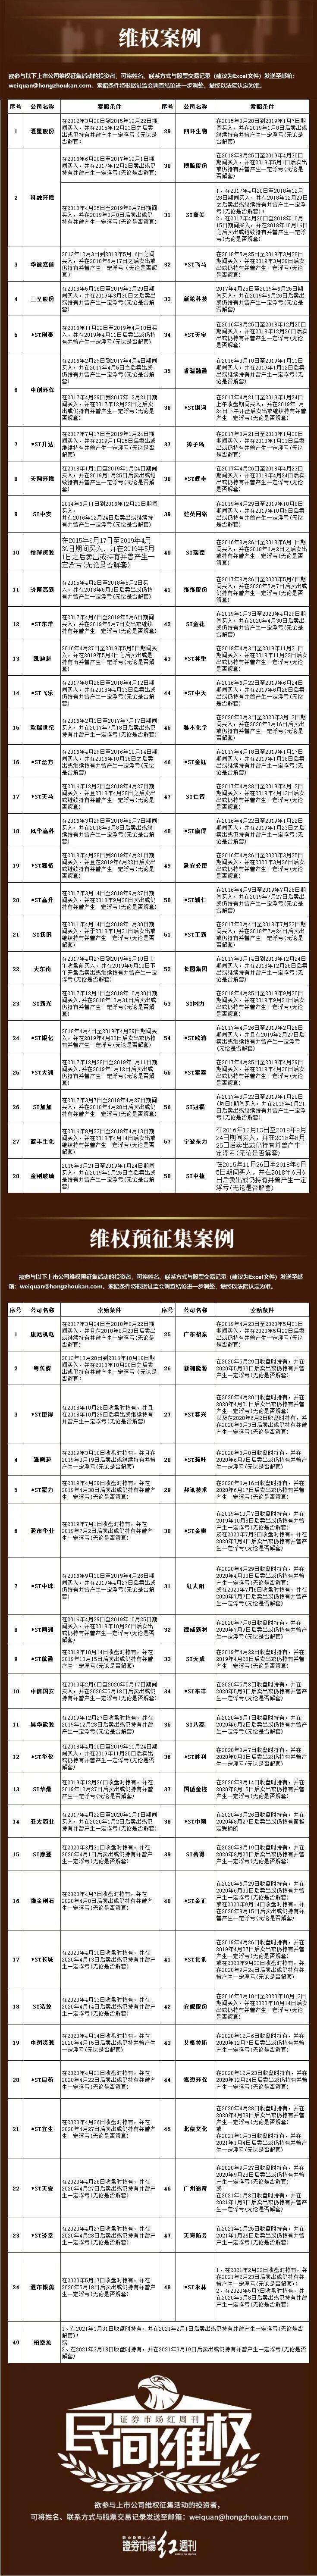 民间维权 | 子公司等新增股权冻结金额近7.68亿 广州浪奇作出相关说明